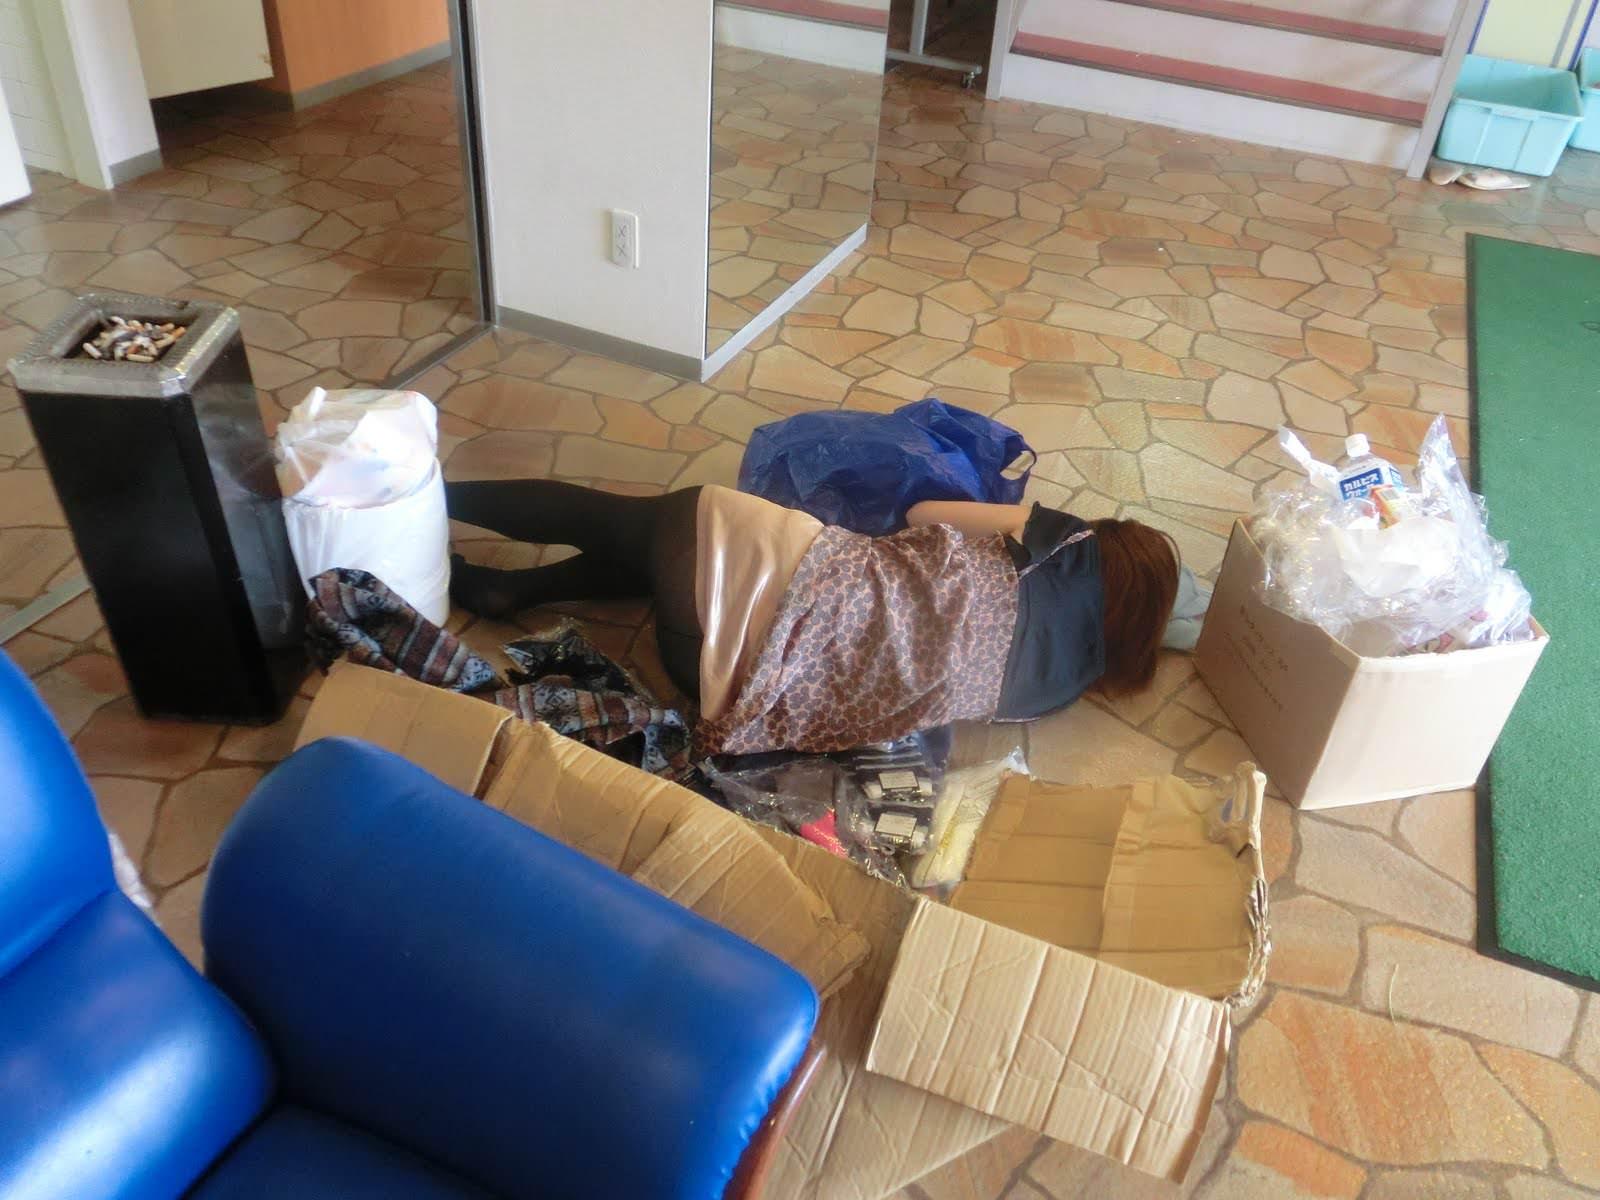 外出先で酒飲みすぎた素人娘wwww醜態晒して爆睡中のエロ画像 1111